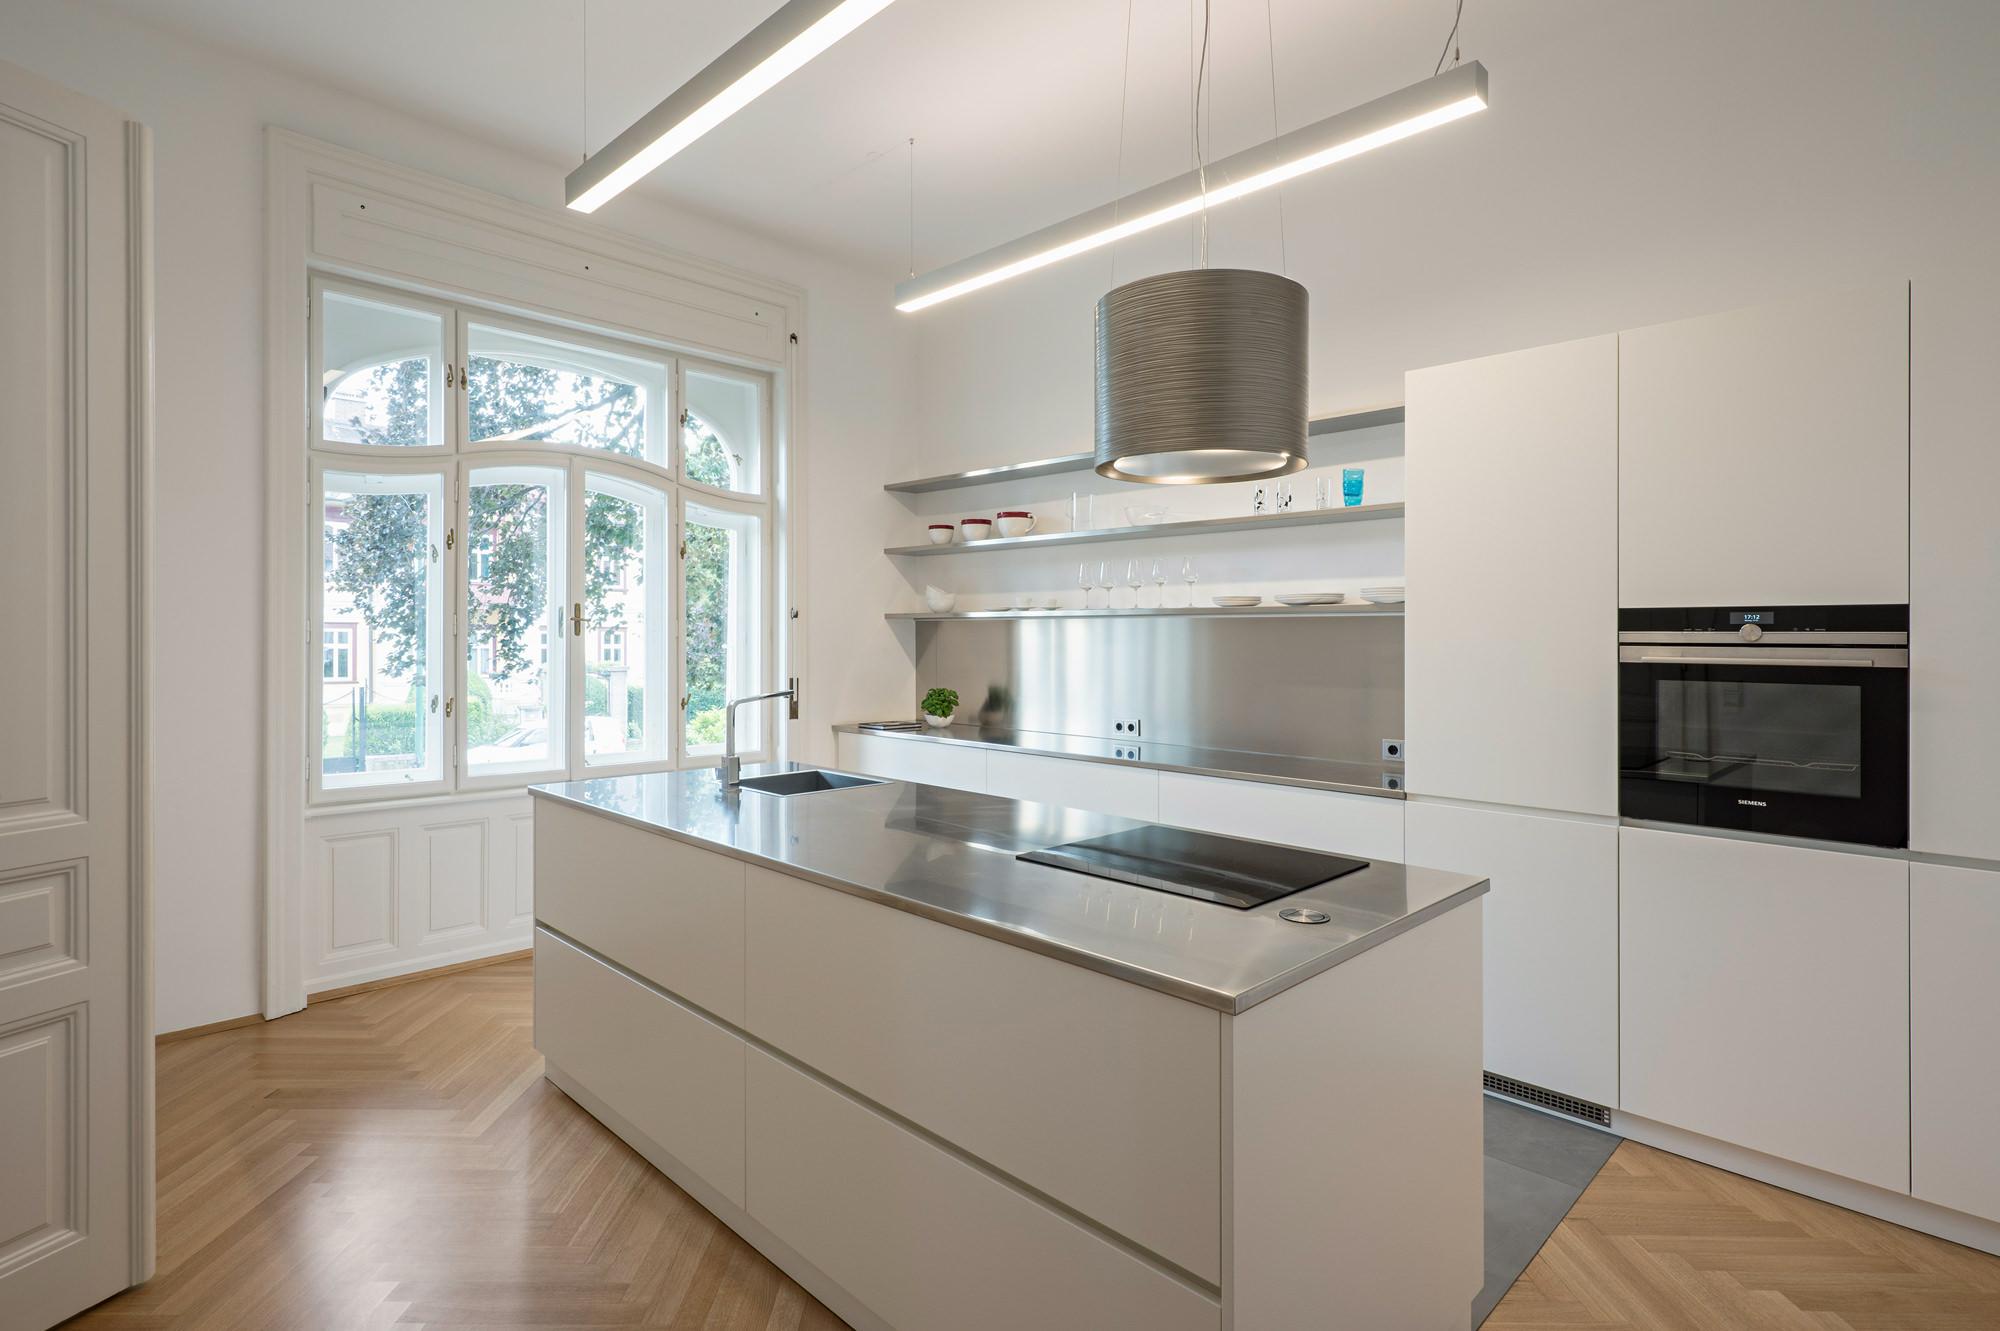 haus_T_06_sanierung_villa_in_moedling_niederoesterreich_junger_beer_architektur